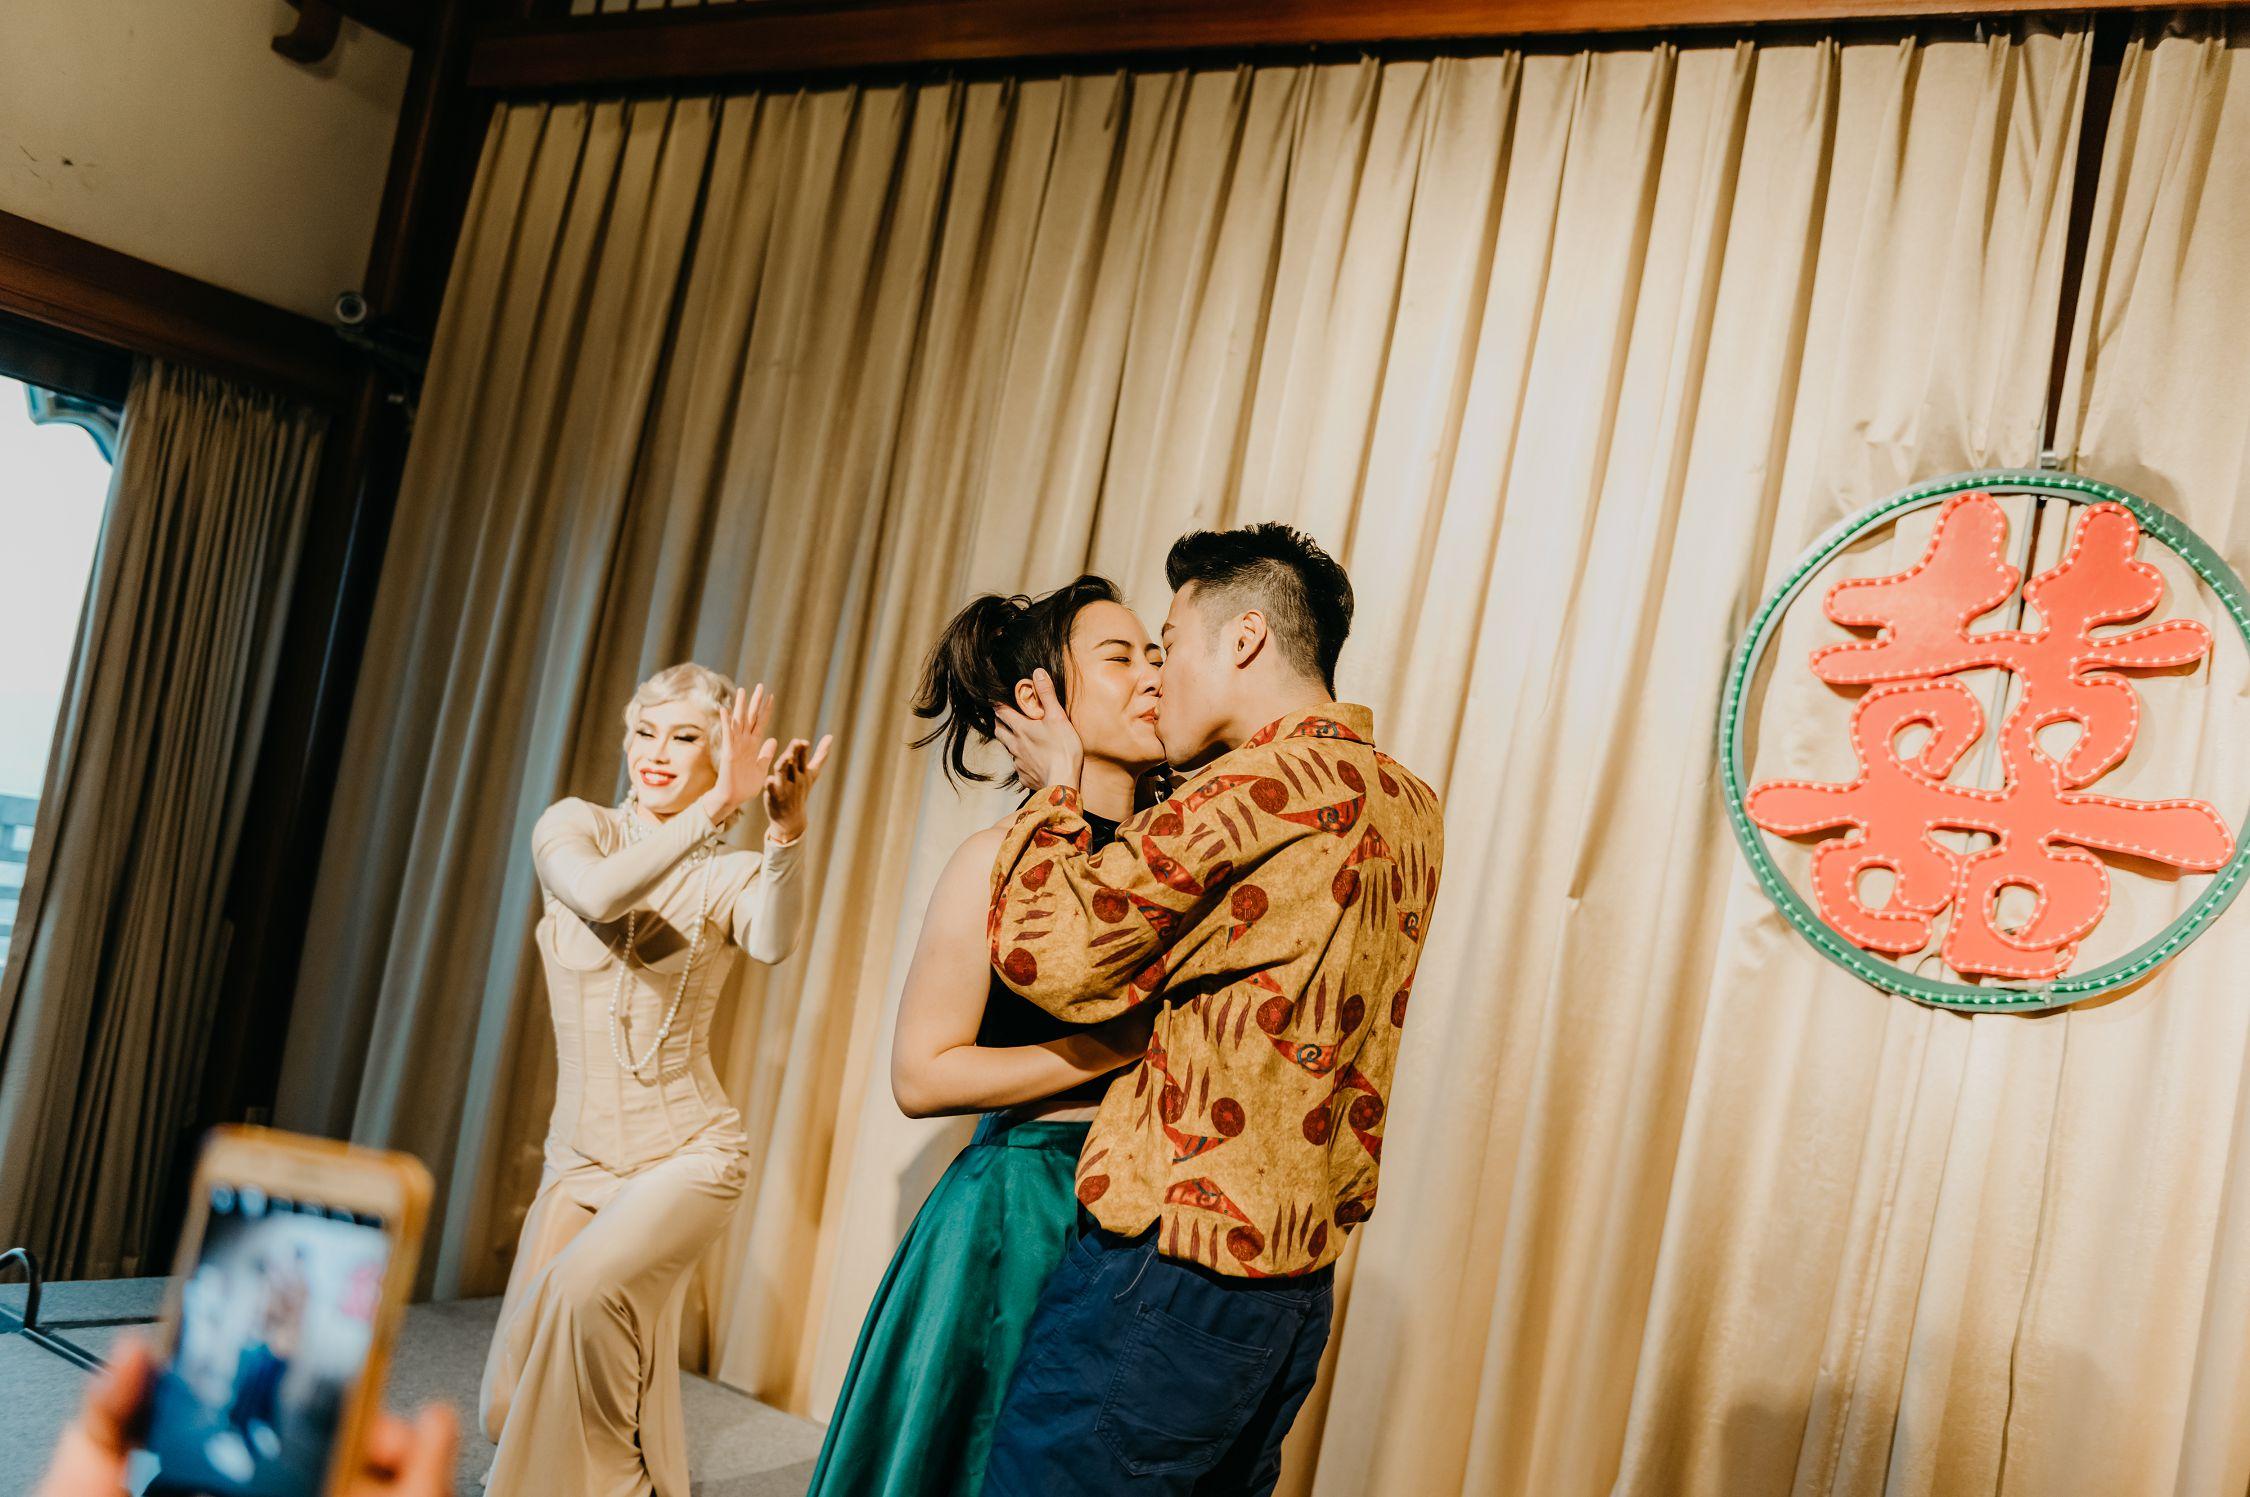 婚禮紀錄,婚攝,台北攝影師,圓山飯店,類婚紗,新秘,造型師,婚錄,雙機攝影,新娘物語推薦,PTT推薦,中式婚禮,美式風格,跳舞進場,交換戒指,奉茶,拜別,儀式,婚禮佈置,金龍廳,